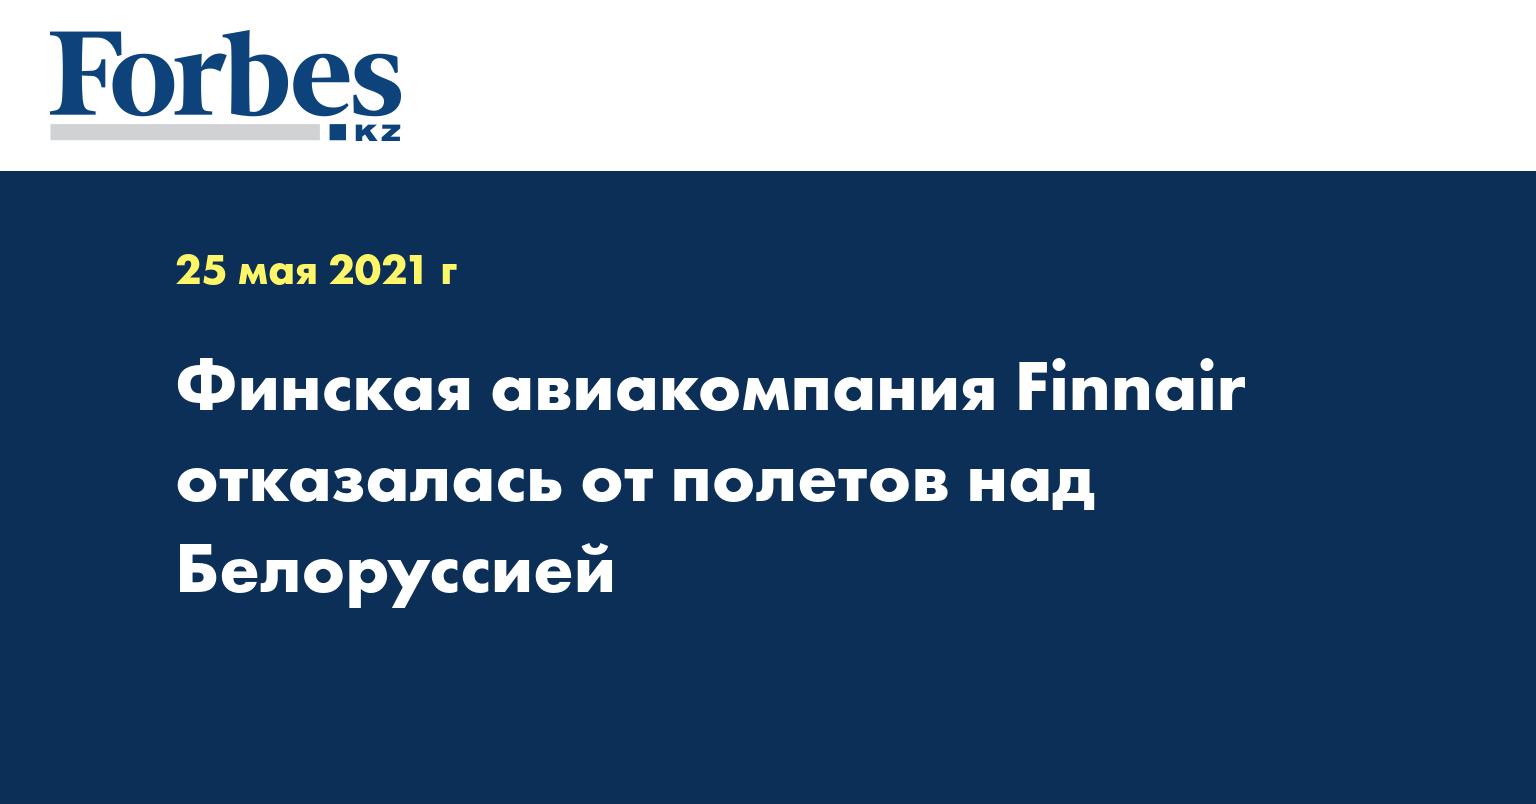 Финская авиакомпания Finnair отказалась от полетов над Белоруссией